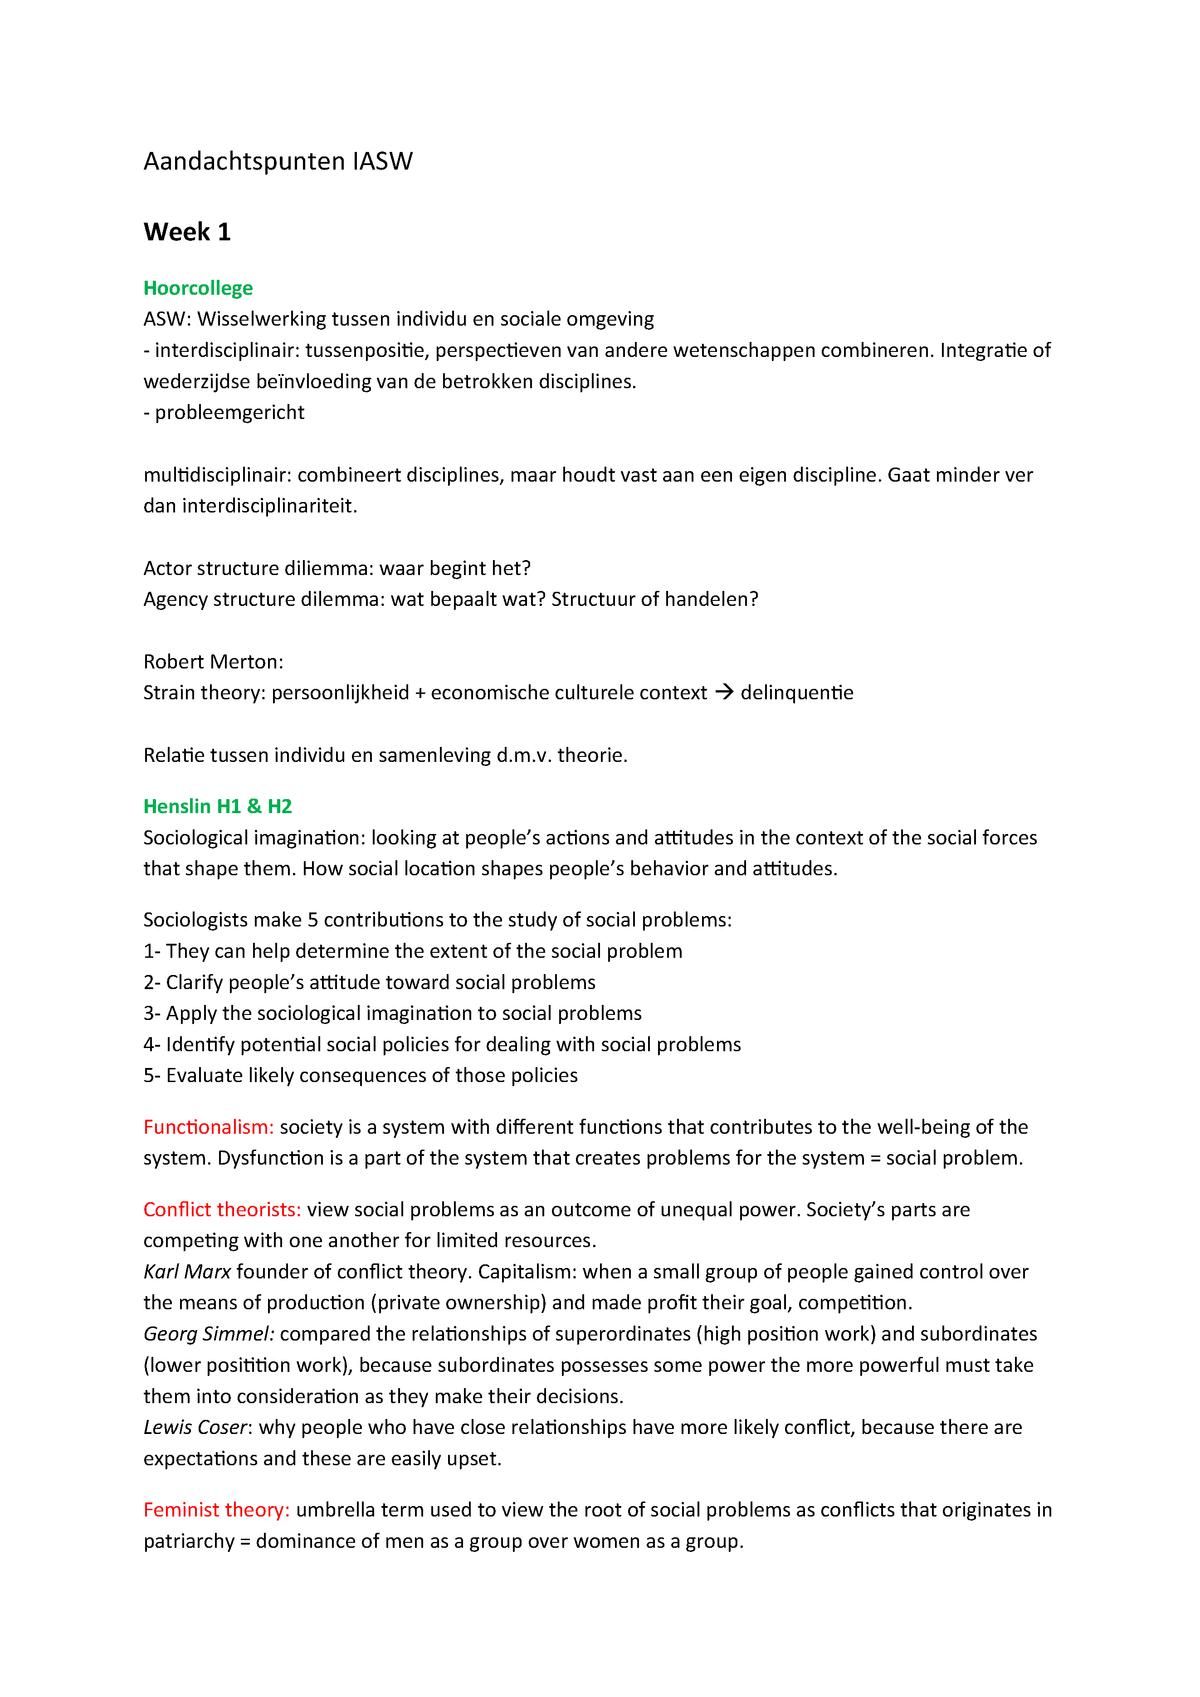 Aandachtspunten samenvatting aandachtspunten voor tentamen - 201100003 - studocu